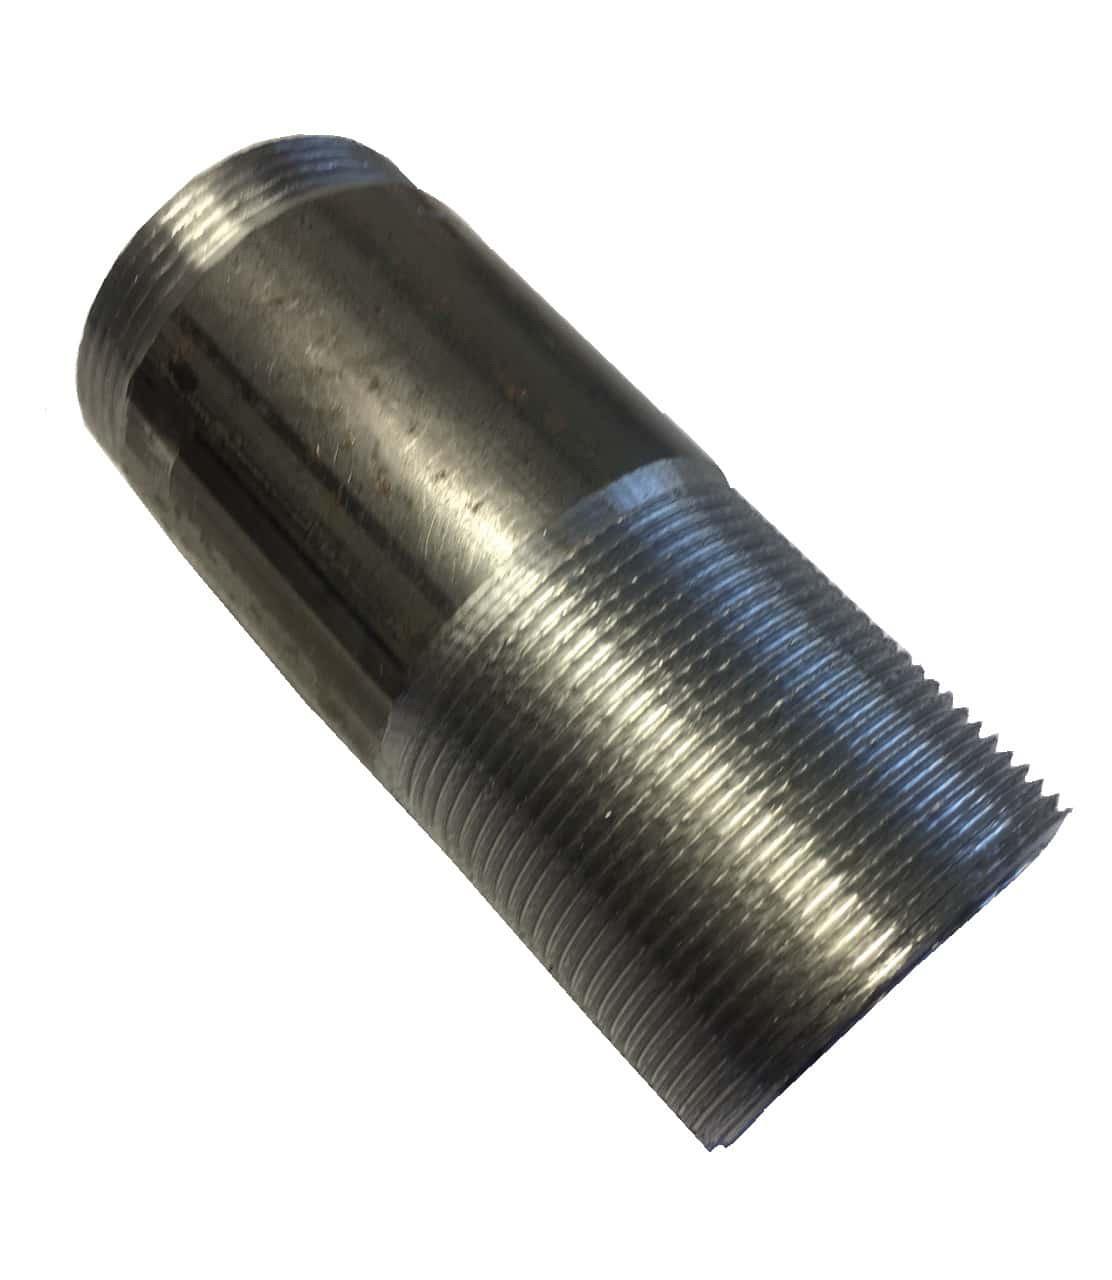 Згін сталевий ду50 без комплекту